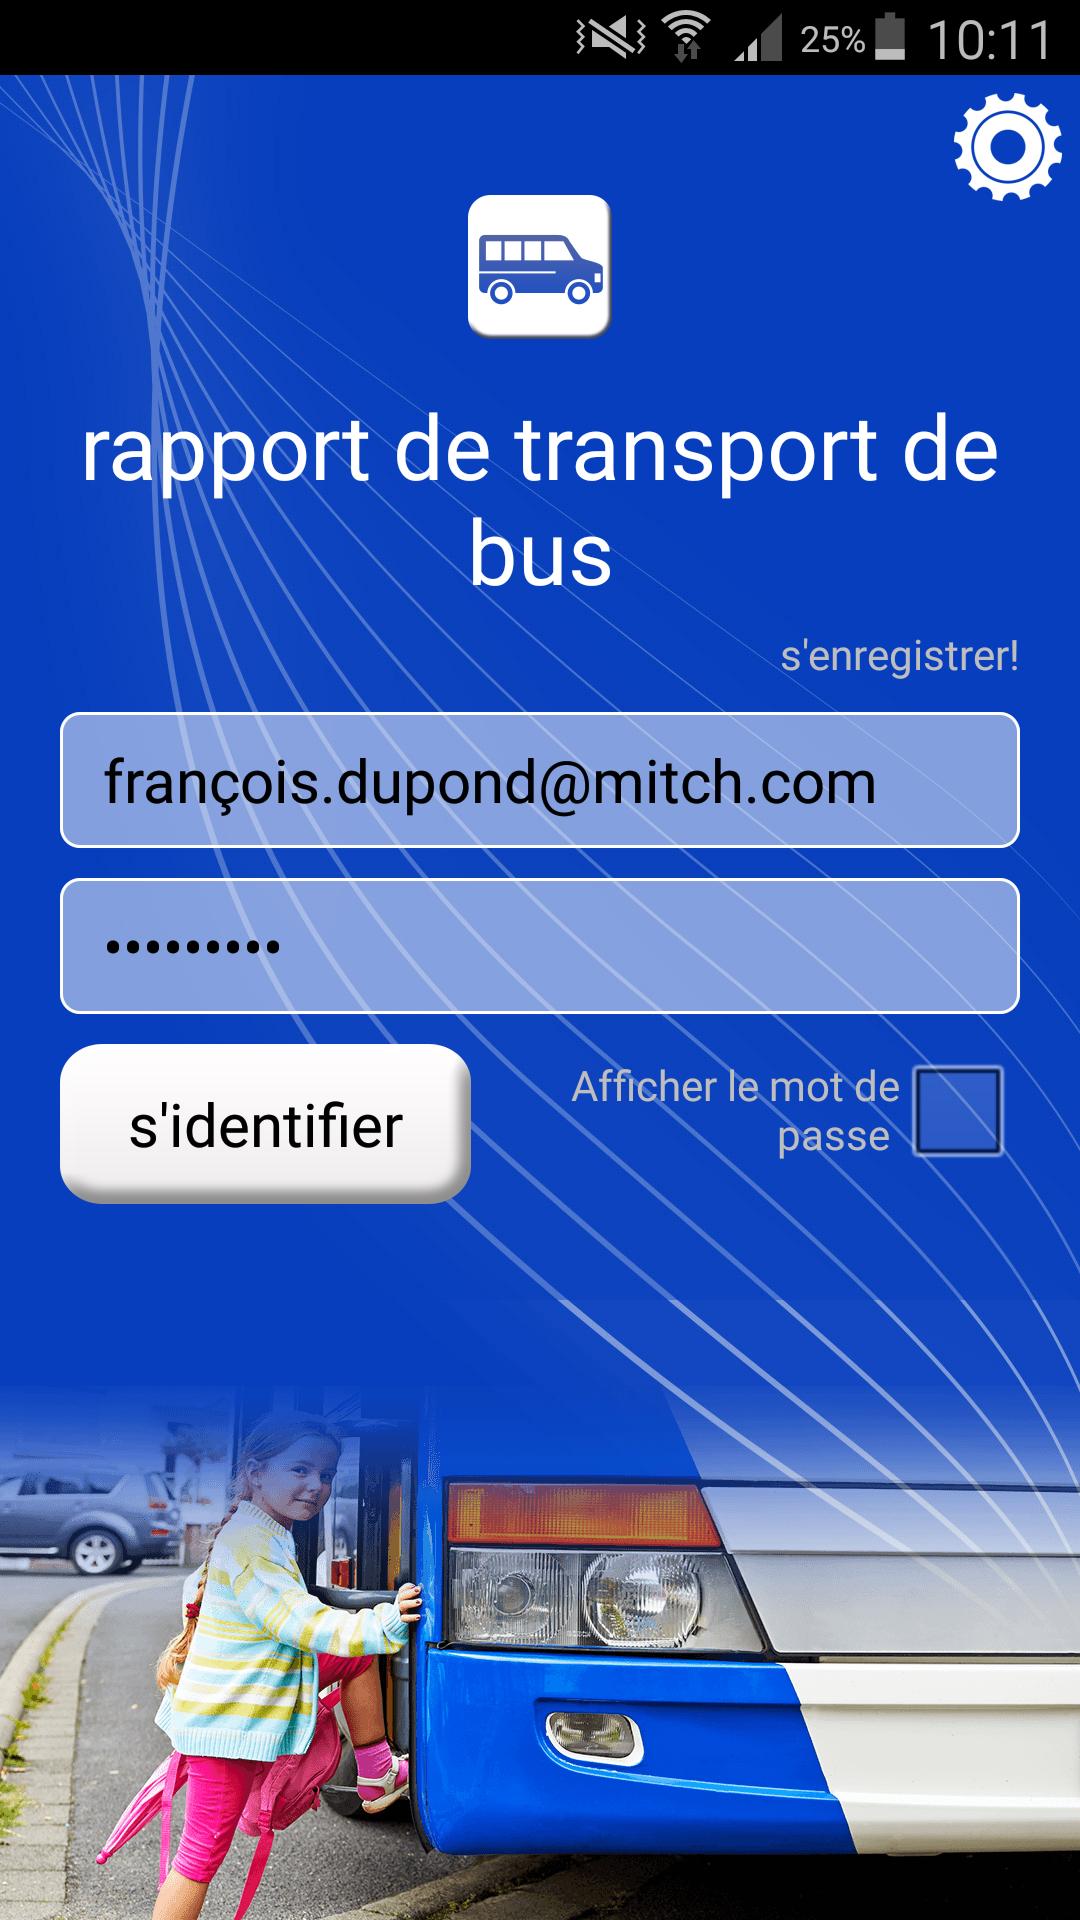 ginstr_app_busTransportationReport_FR_1